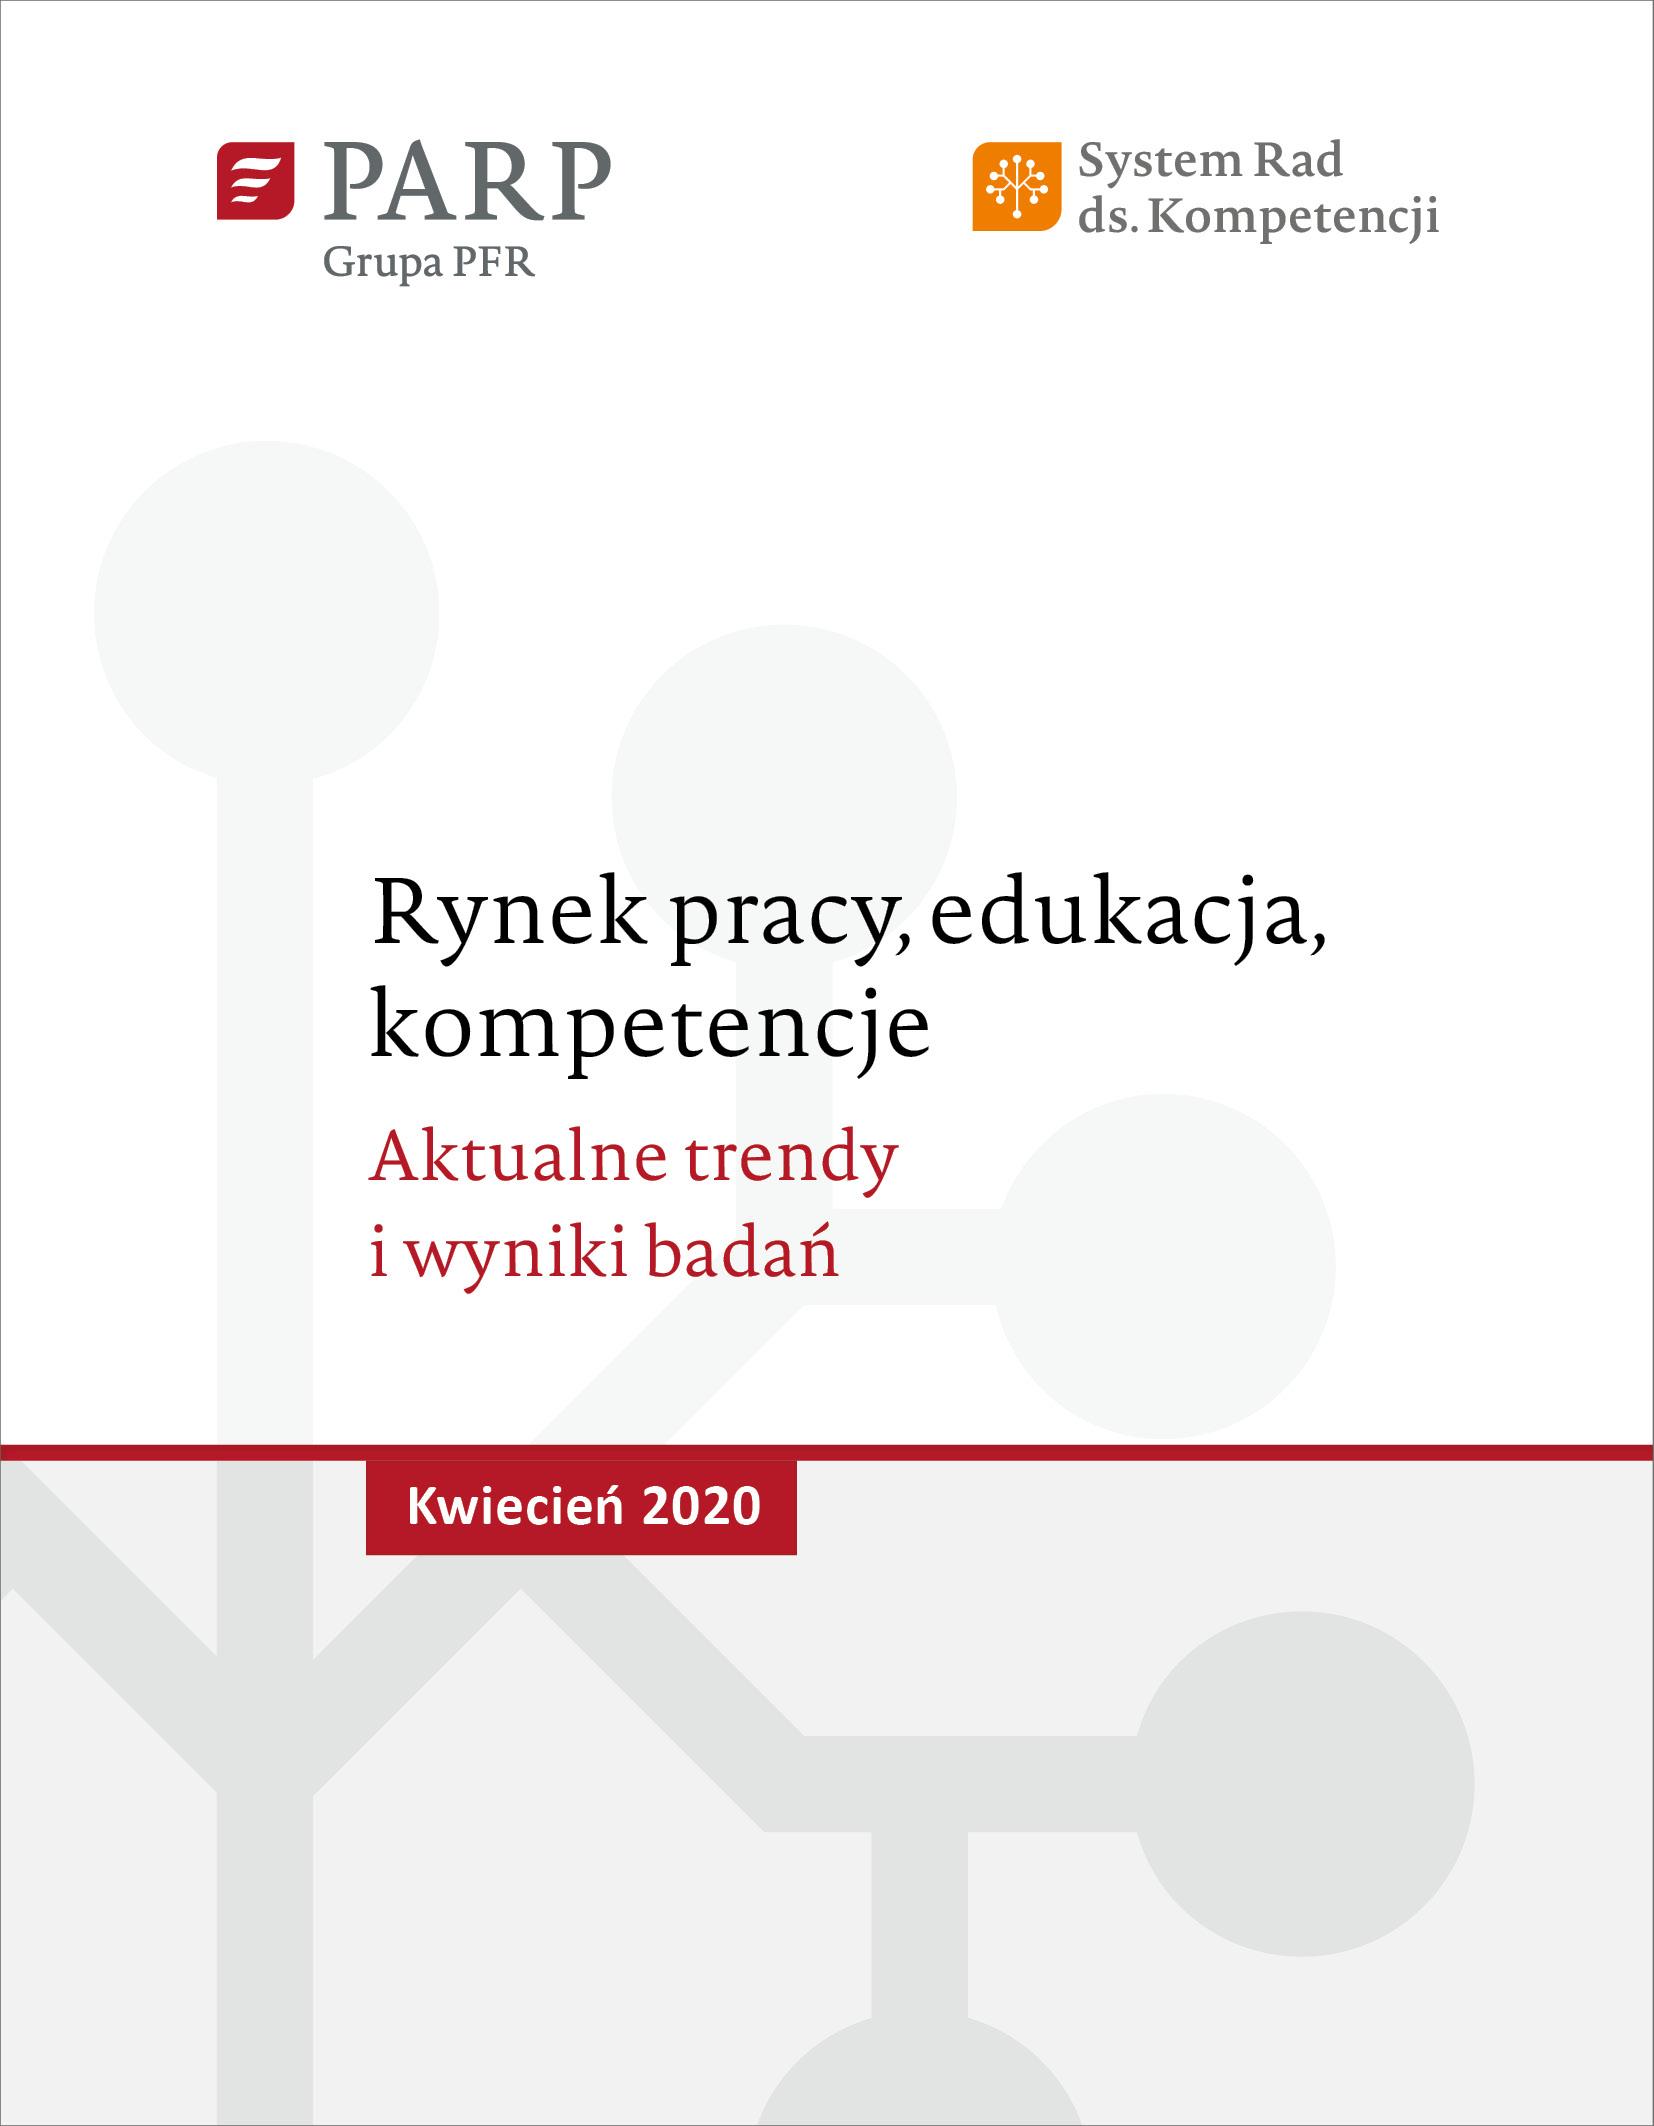 Rynek pracy, edukacja, kompetencje - kwiecień 2020